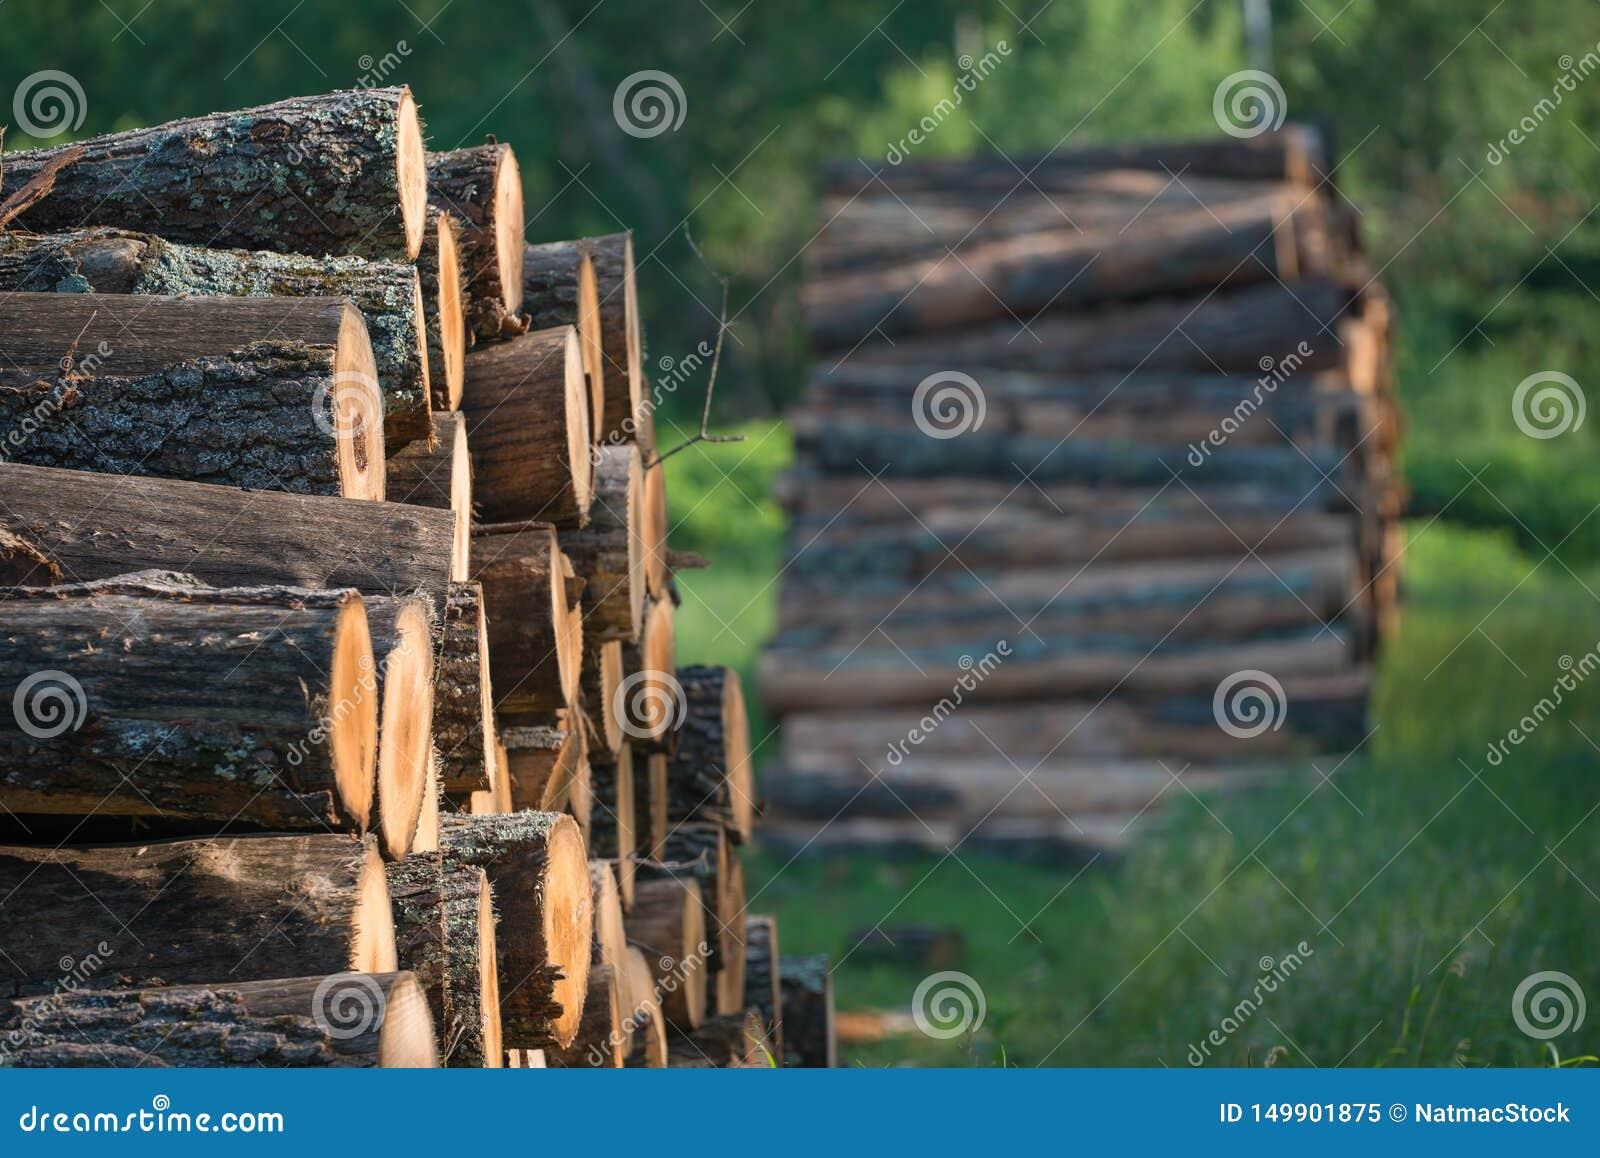 Кучи штабелированных внесенных в журнал деревьев от леса государства Knowles губернатора в северном Висконсине - DNR имеет работа